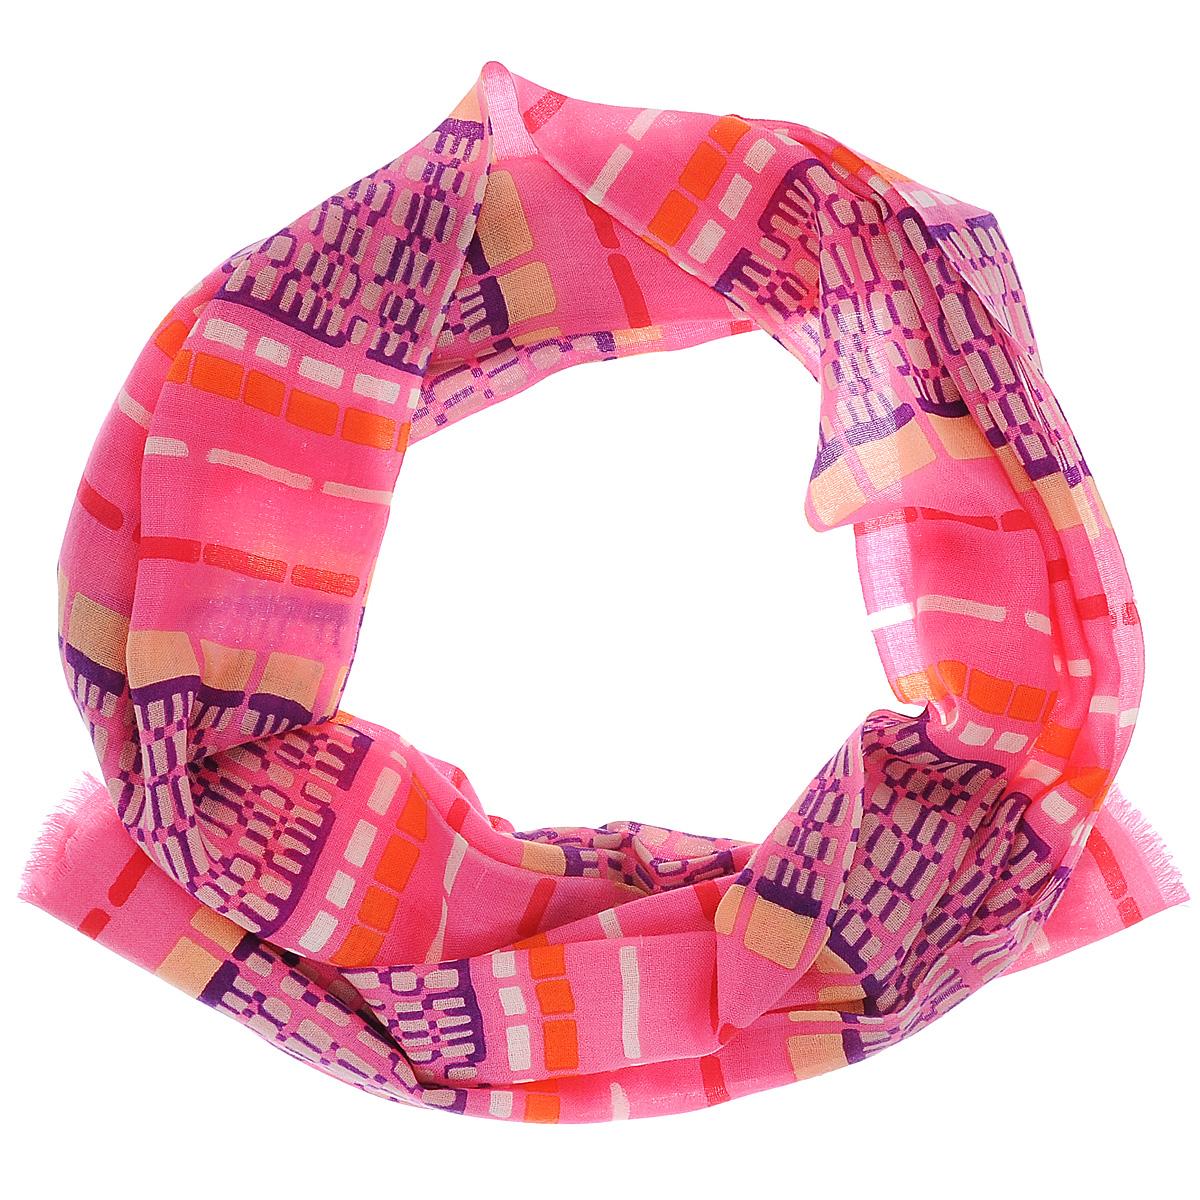 Палантин Moltini, цвет: розовый, фиолетовый, оранжевый. 35004-02S. Размер 70 см х 180 см35004-02SЭлегантный палантин Moltini подчеркнет ваш неповторимый образ. Он выполнен из мягкой натуральной шерсти и оформлен оригинальным принтом. Края палантина декорированы тонкой бахромой. Этот модный аксессуар женского гардероба гармонично дополнит образ современной женщины, следящей за своим имиджем и стремящейся всегда оставаться стильной и элегантной. В этом палантине вы всегда будете выглядеть женственной и привлекательной.